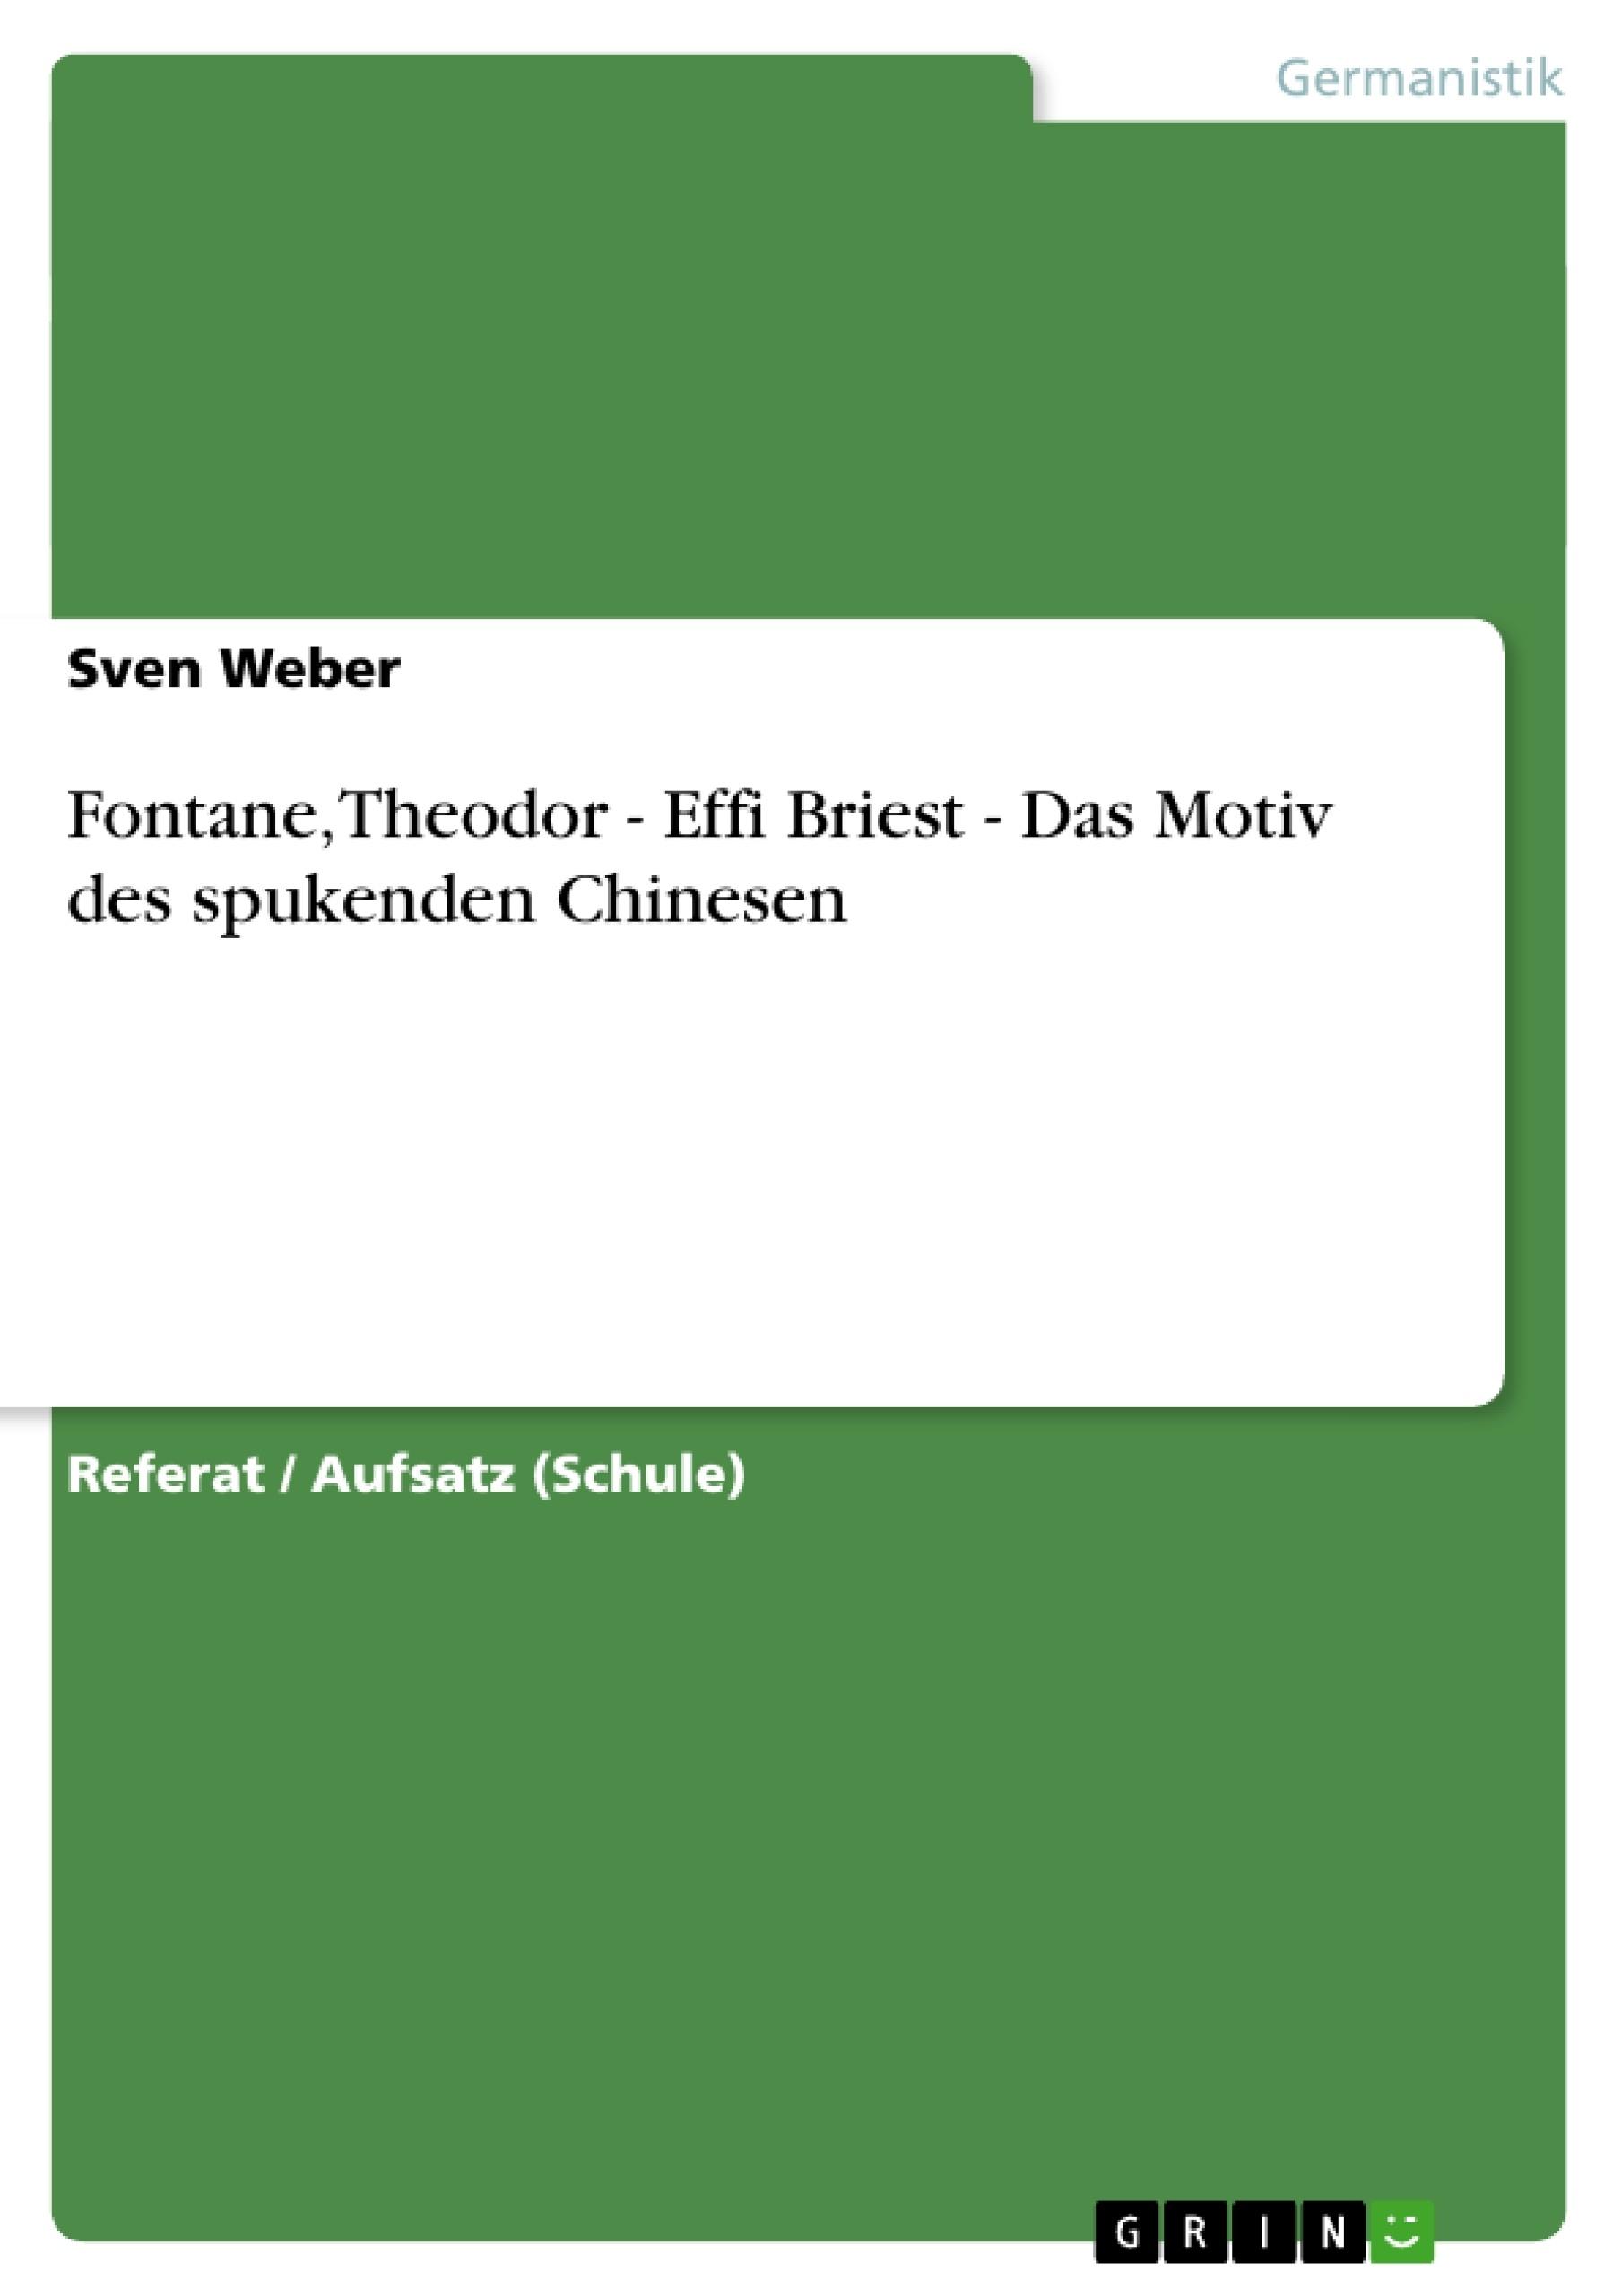 Titel: Fontane, Theodor - Effi Briest - Das Motiv des spukenden Chinesen